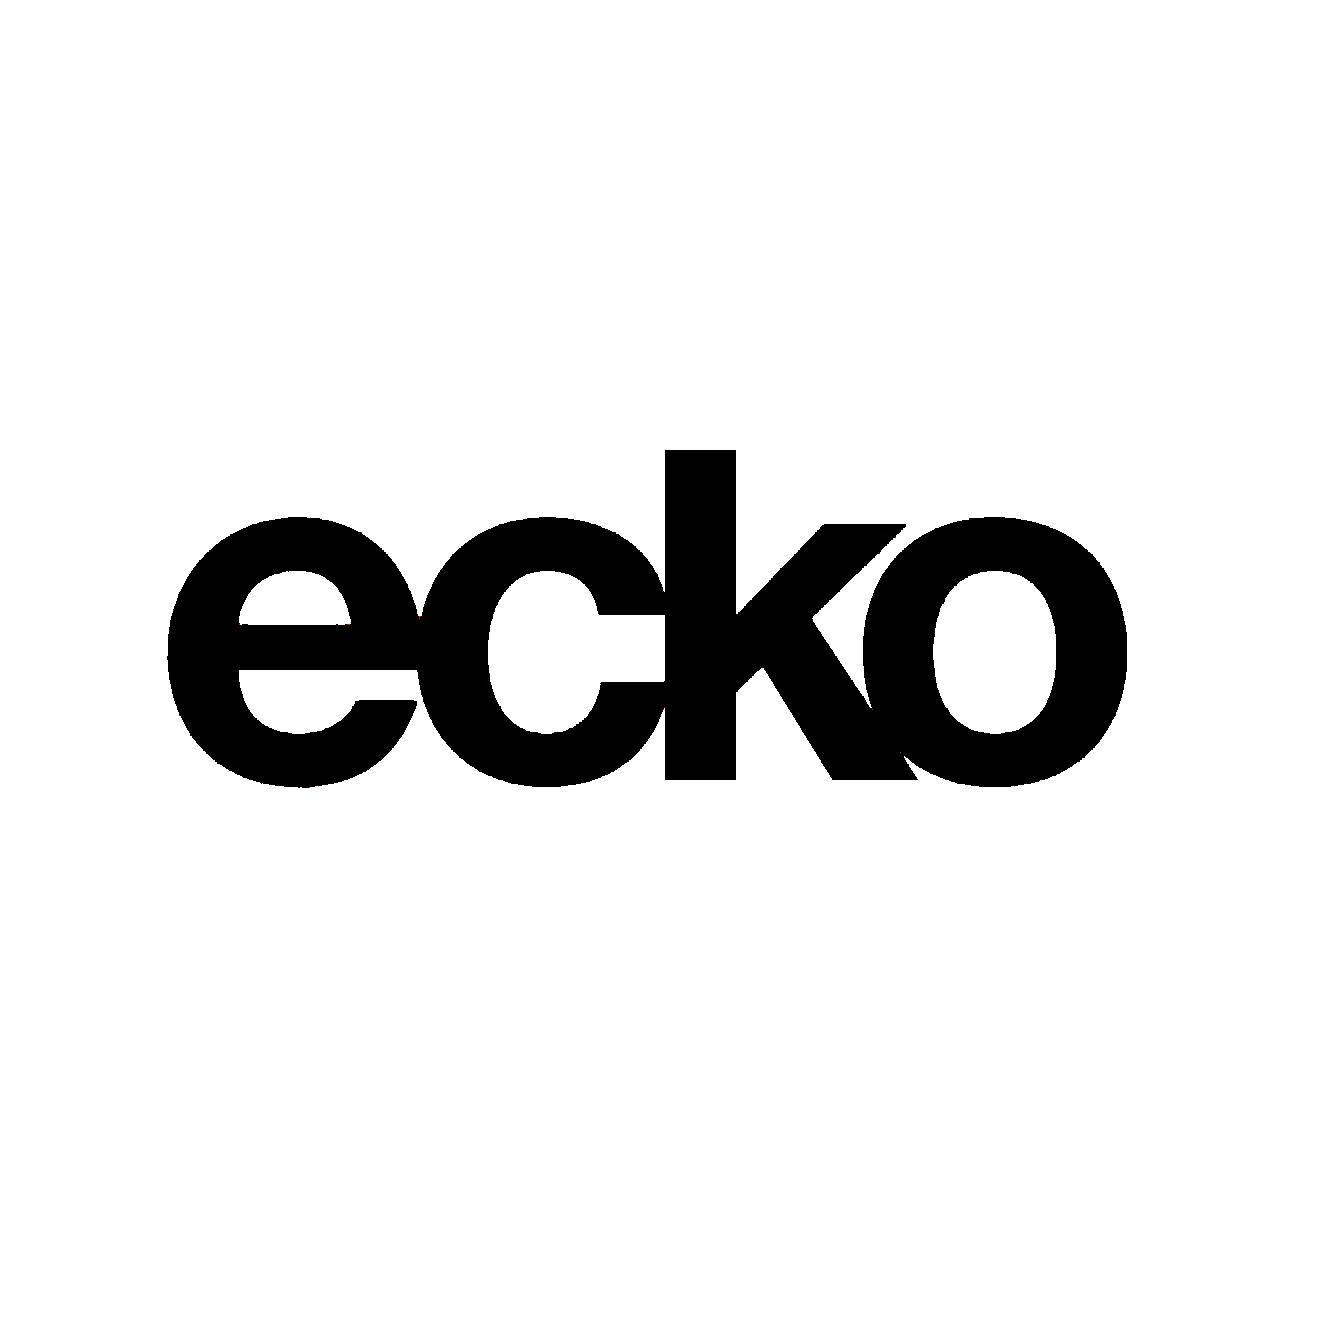 logo magazine ecko